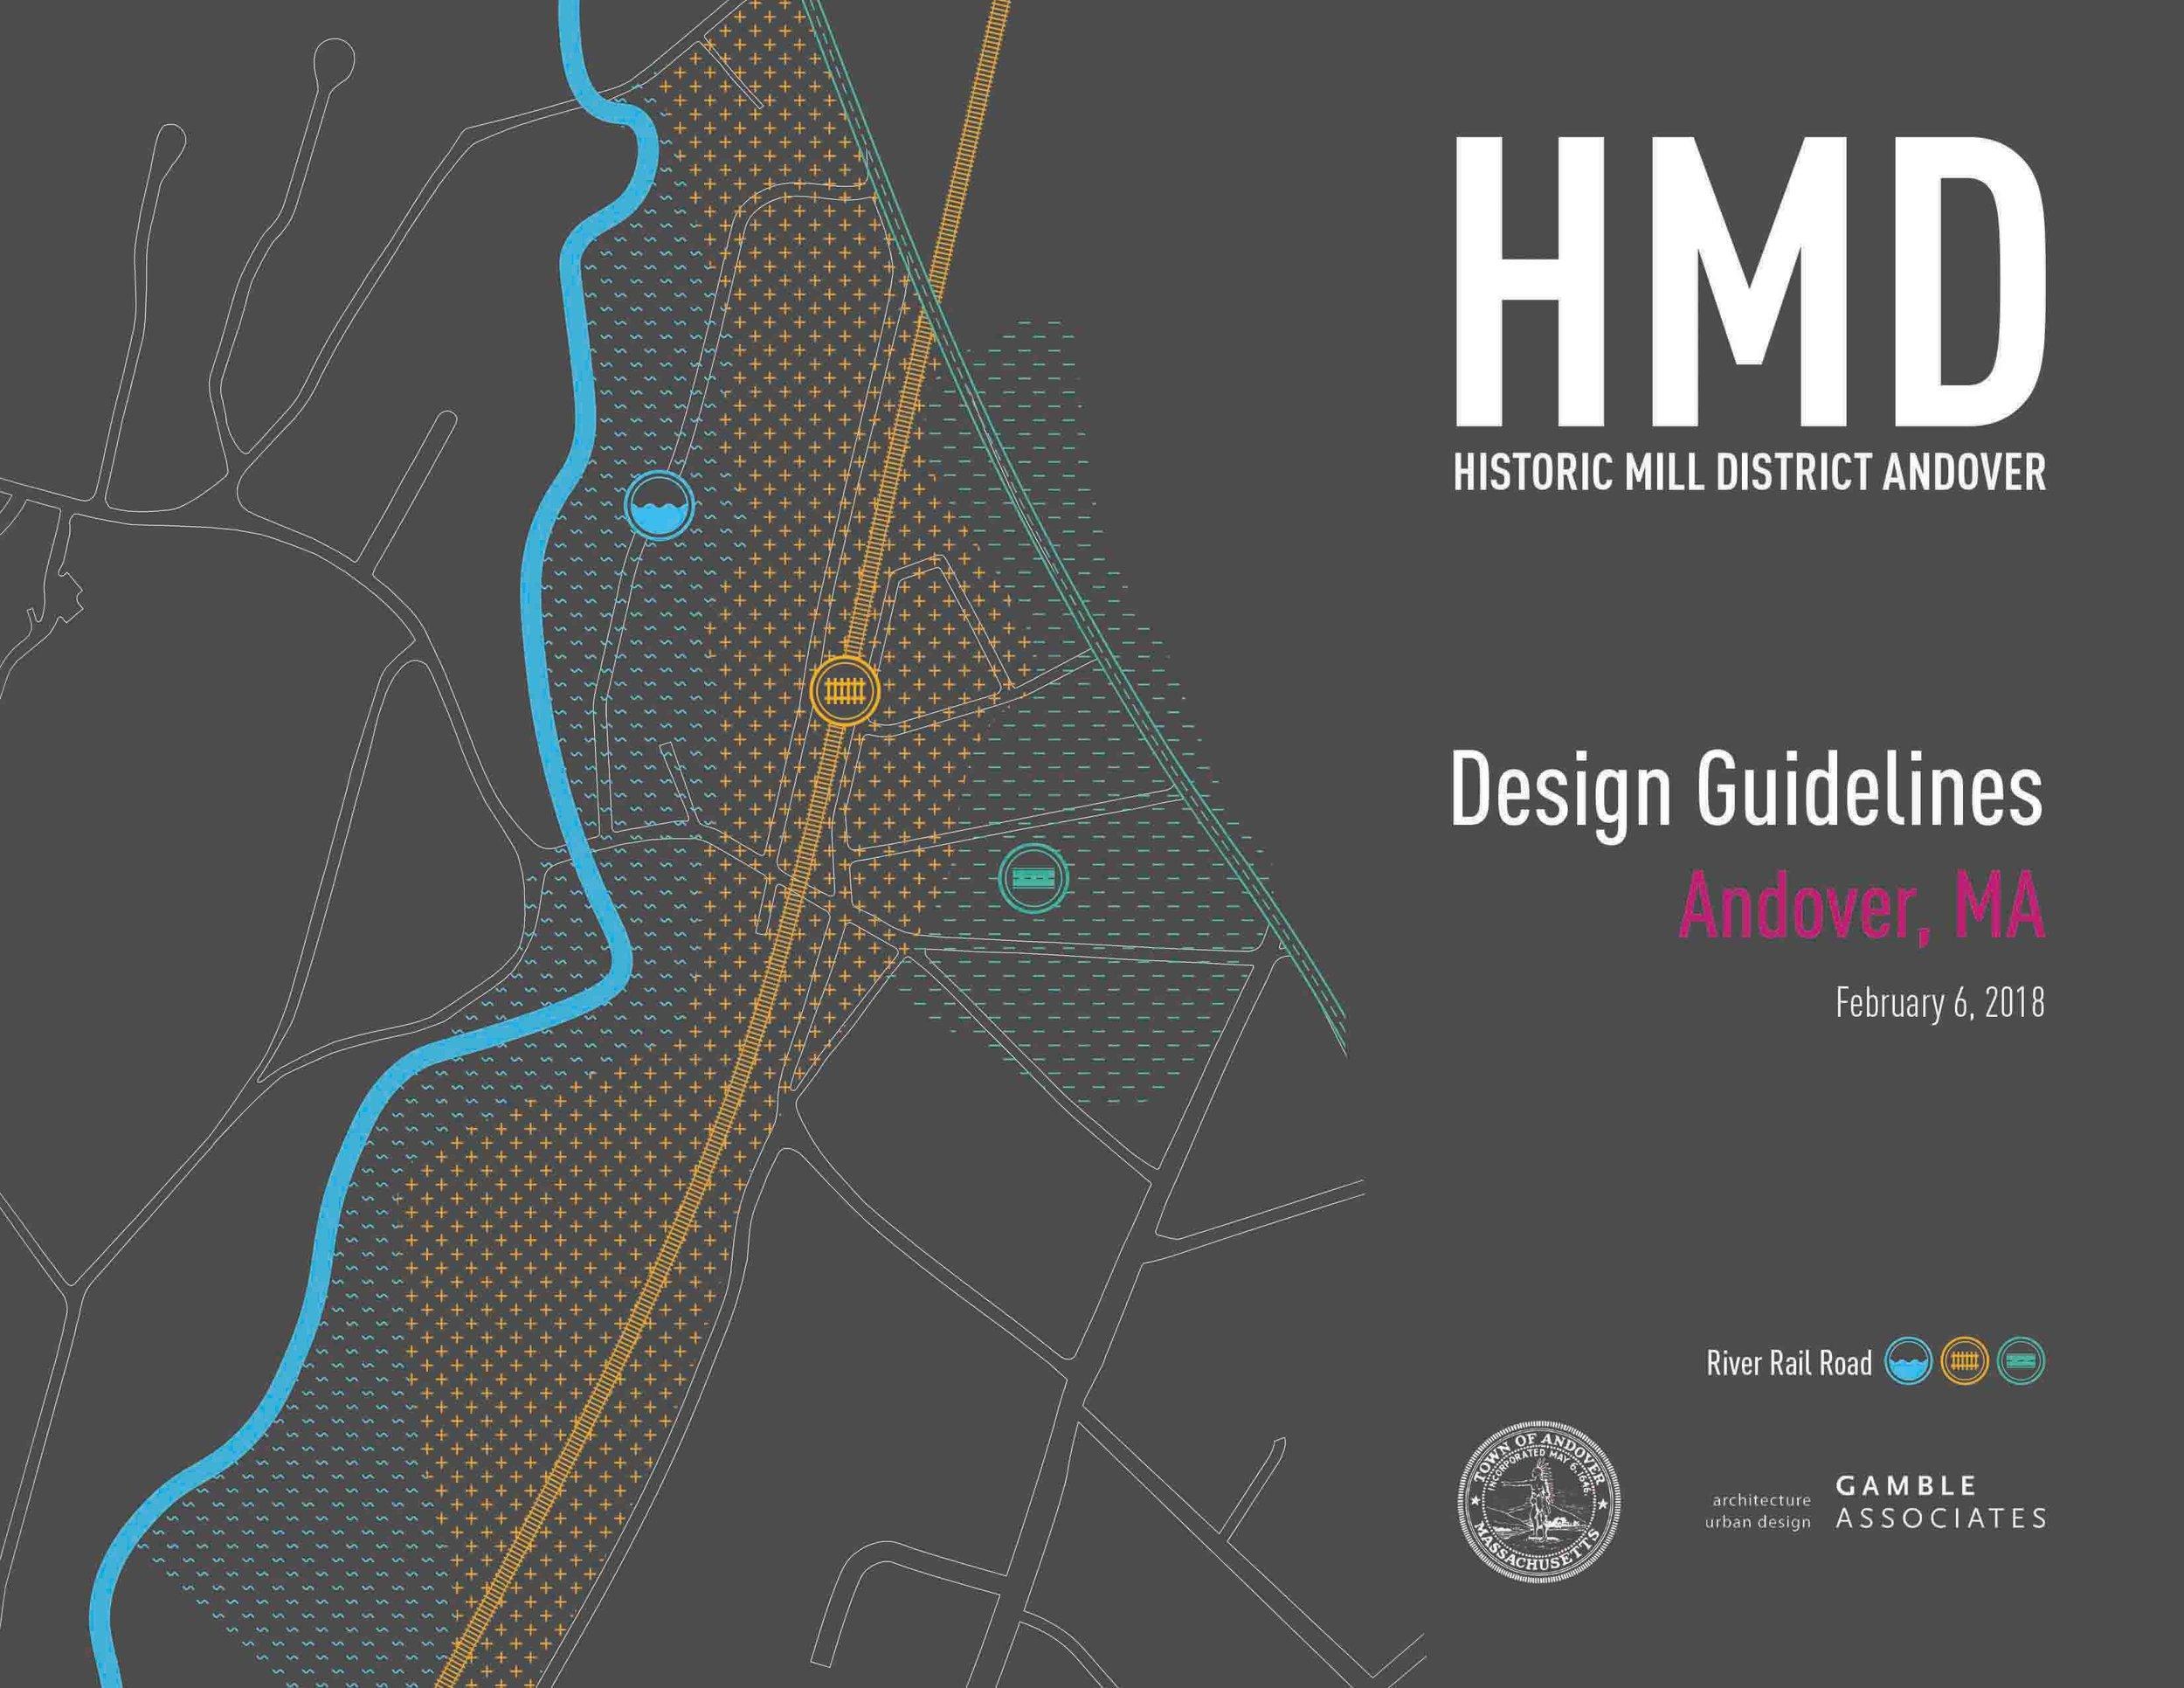 HMD Design Guidelines, 2018